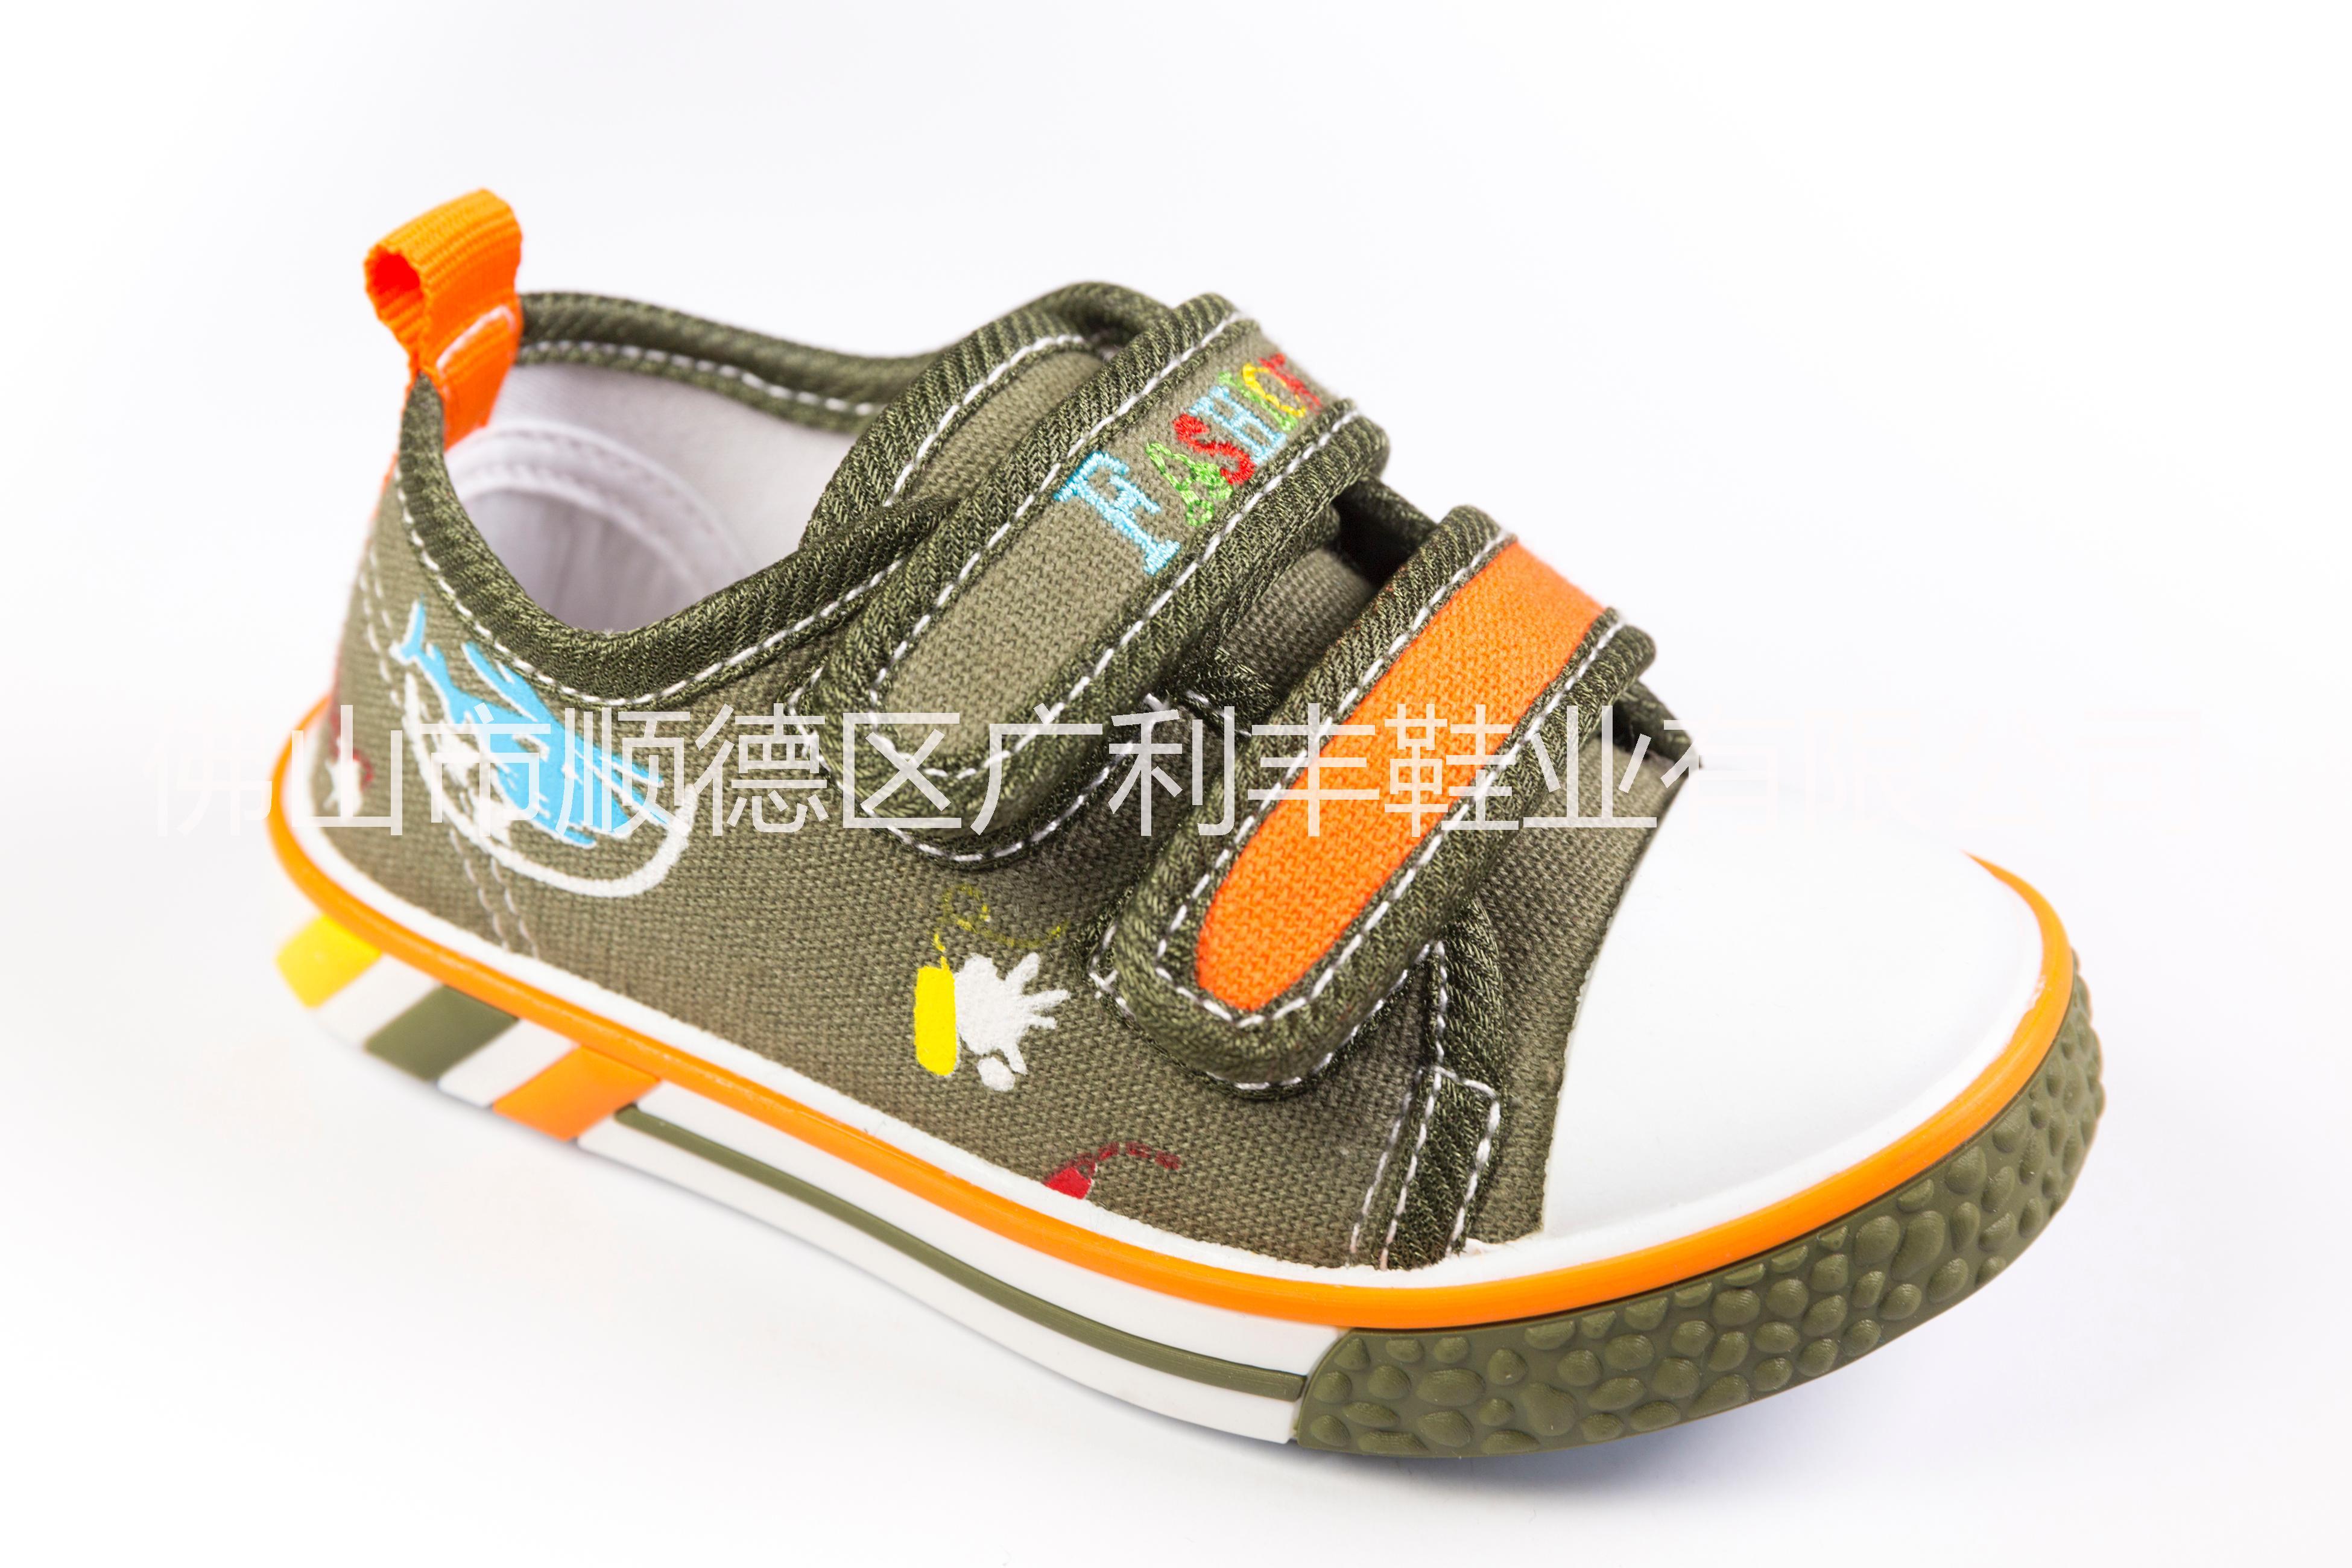 儿童布鞋批发价格,优质童鞋生产厂家,大量采购童鞋优惠报价